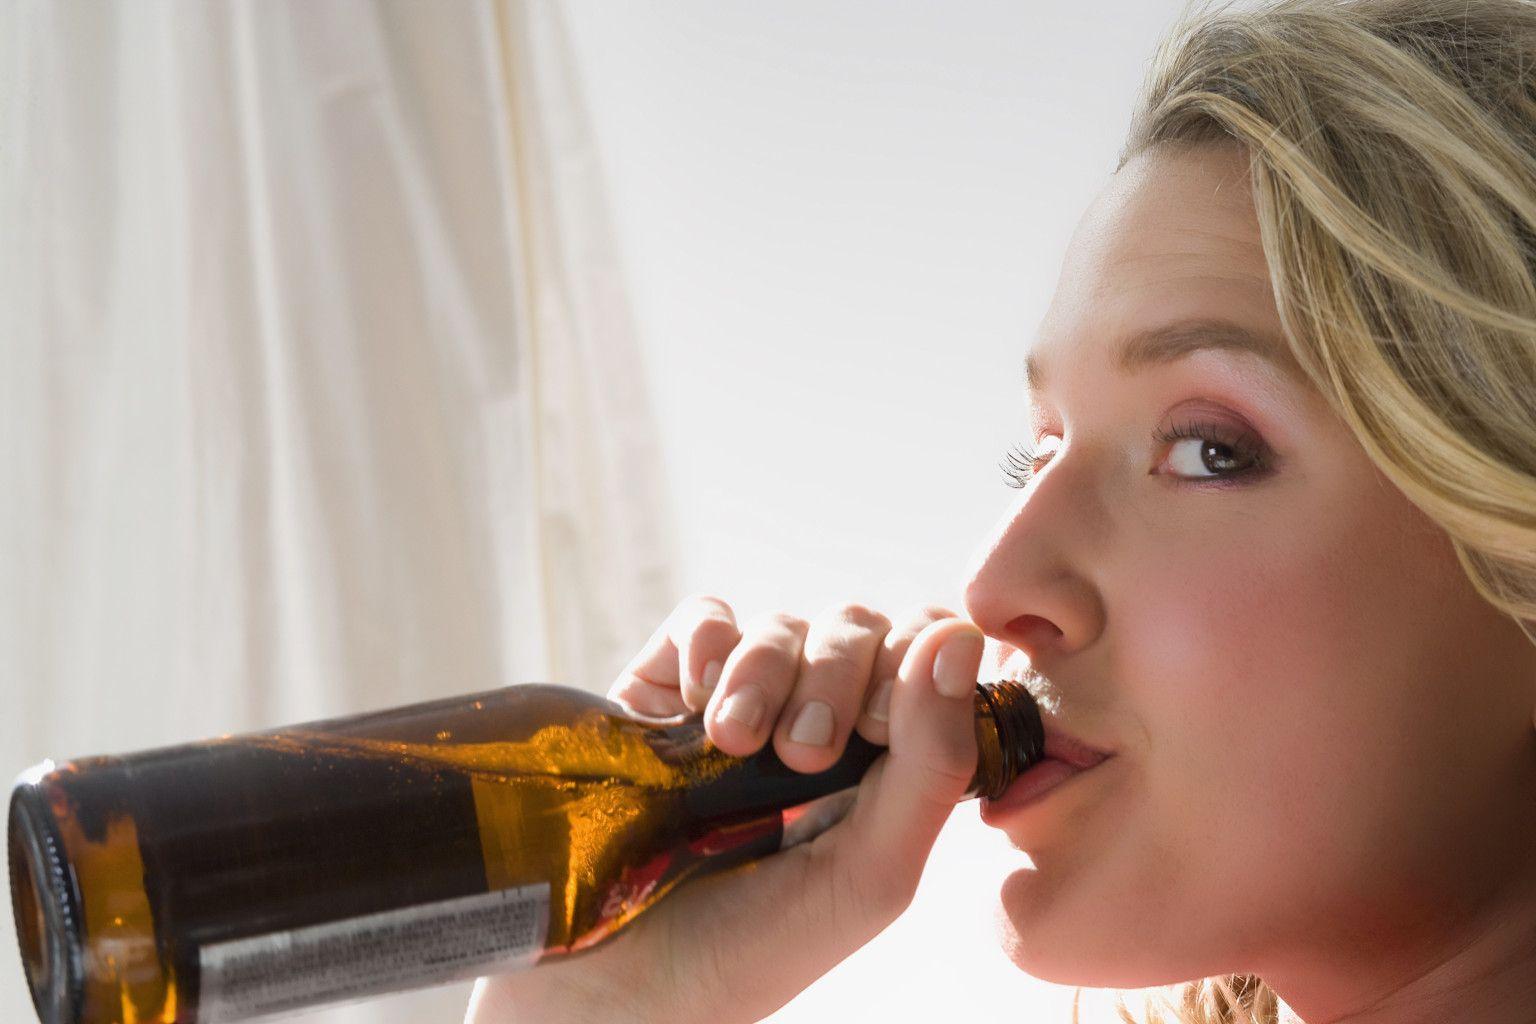 Можно ли пить алкоголь при цистите? Можно ли пить алкоголь при цистите?